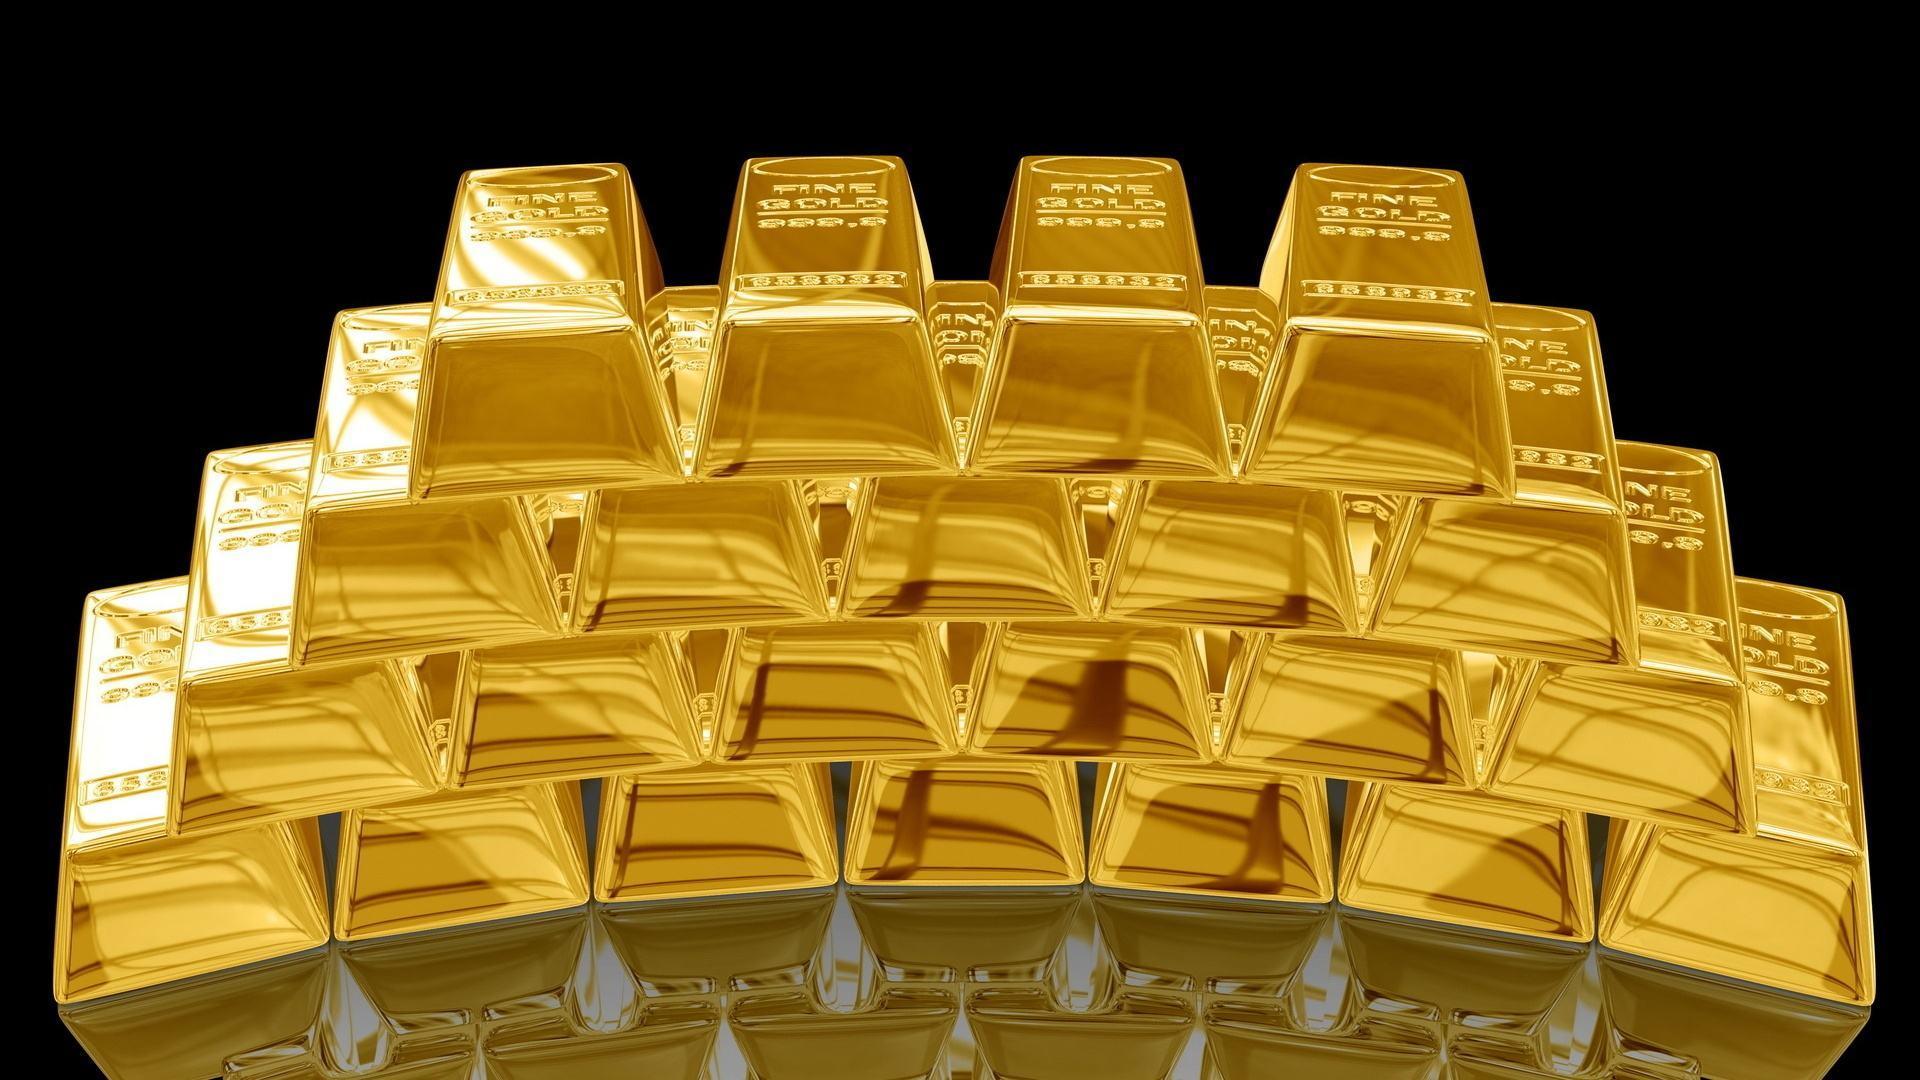 全球官方黃金儲備為3.44萬噸,美國占23.64%,那中國、俄羅斯的呢_